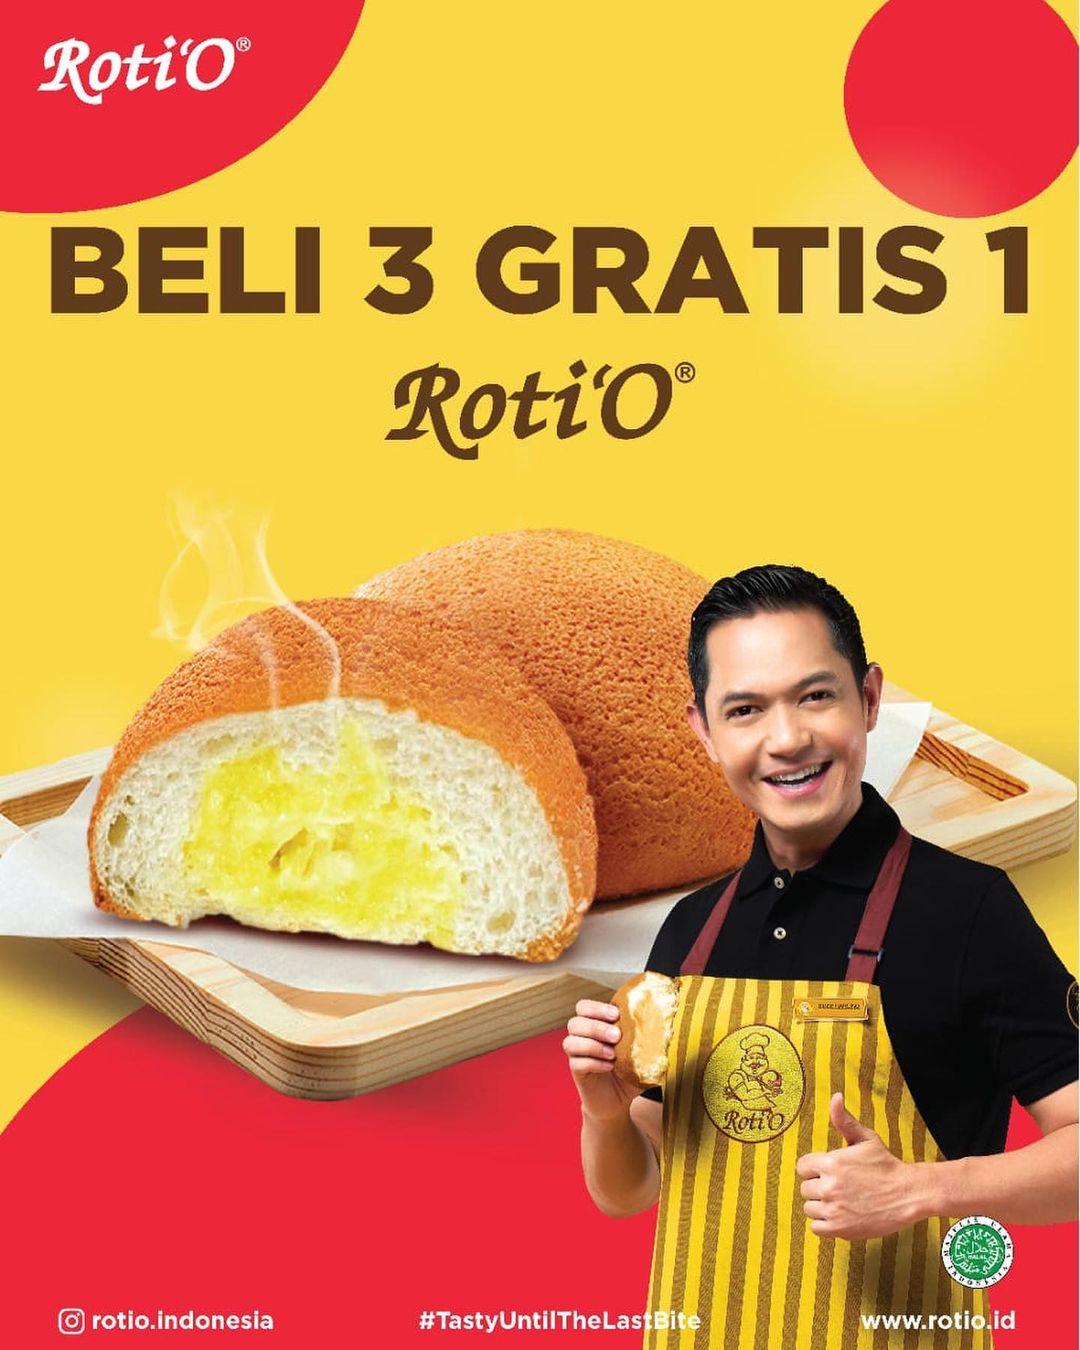 Promo Roti O Beli 3 Gratis 1 Untuk Roti Dan Harga Spesial Untuk Pastry